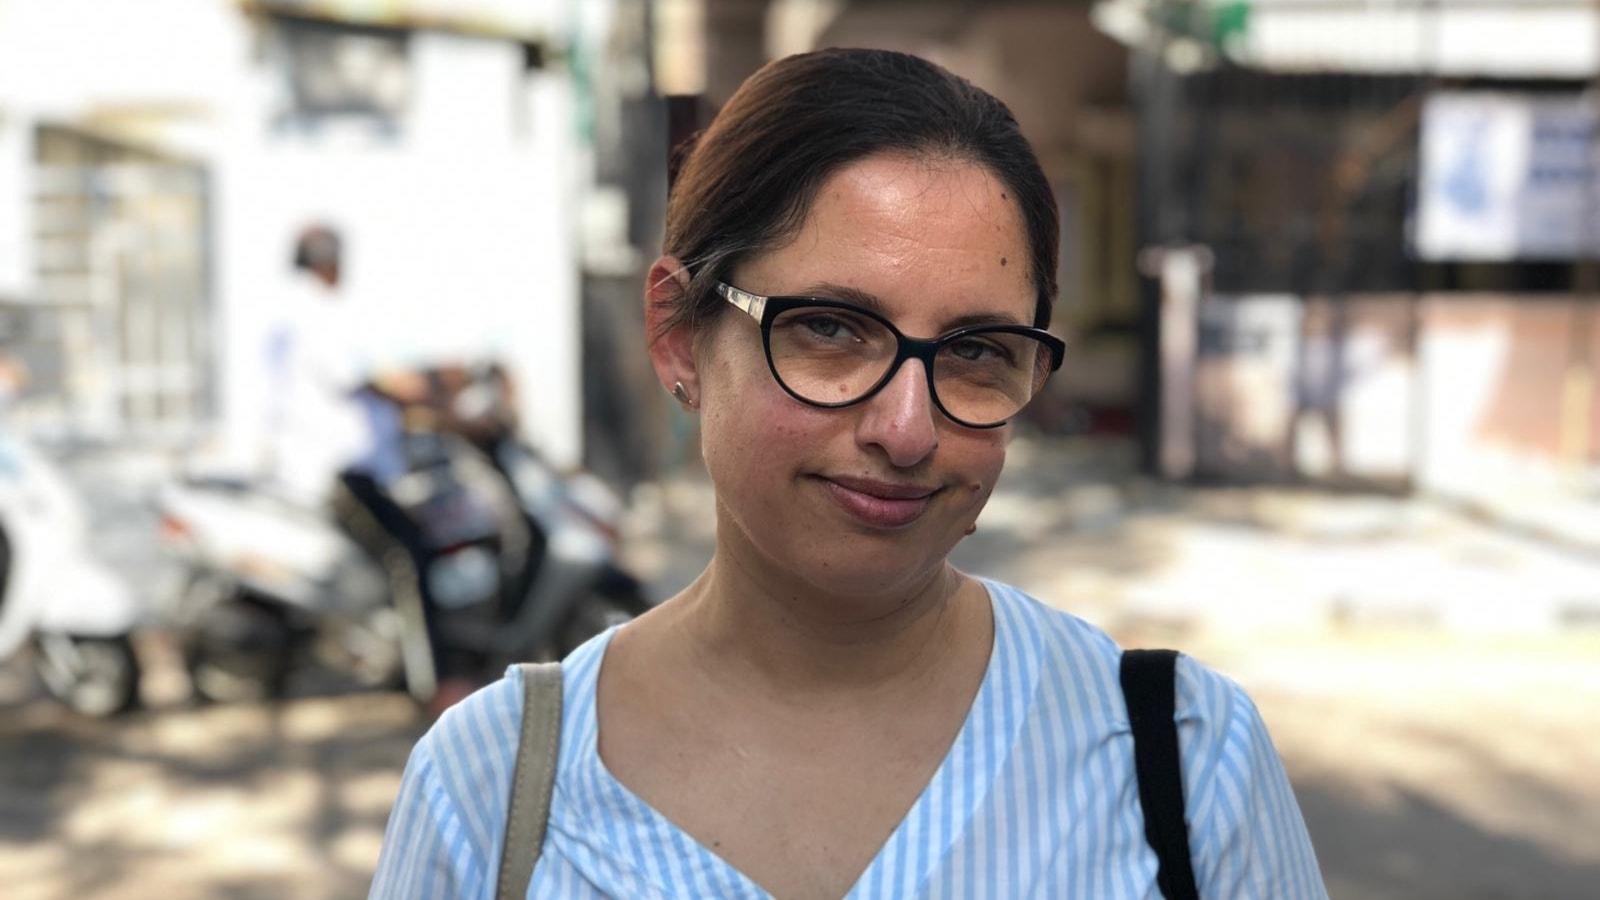 Vad är egentligen utveckling? Naila Saleem, Calcutta